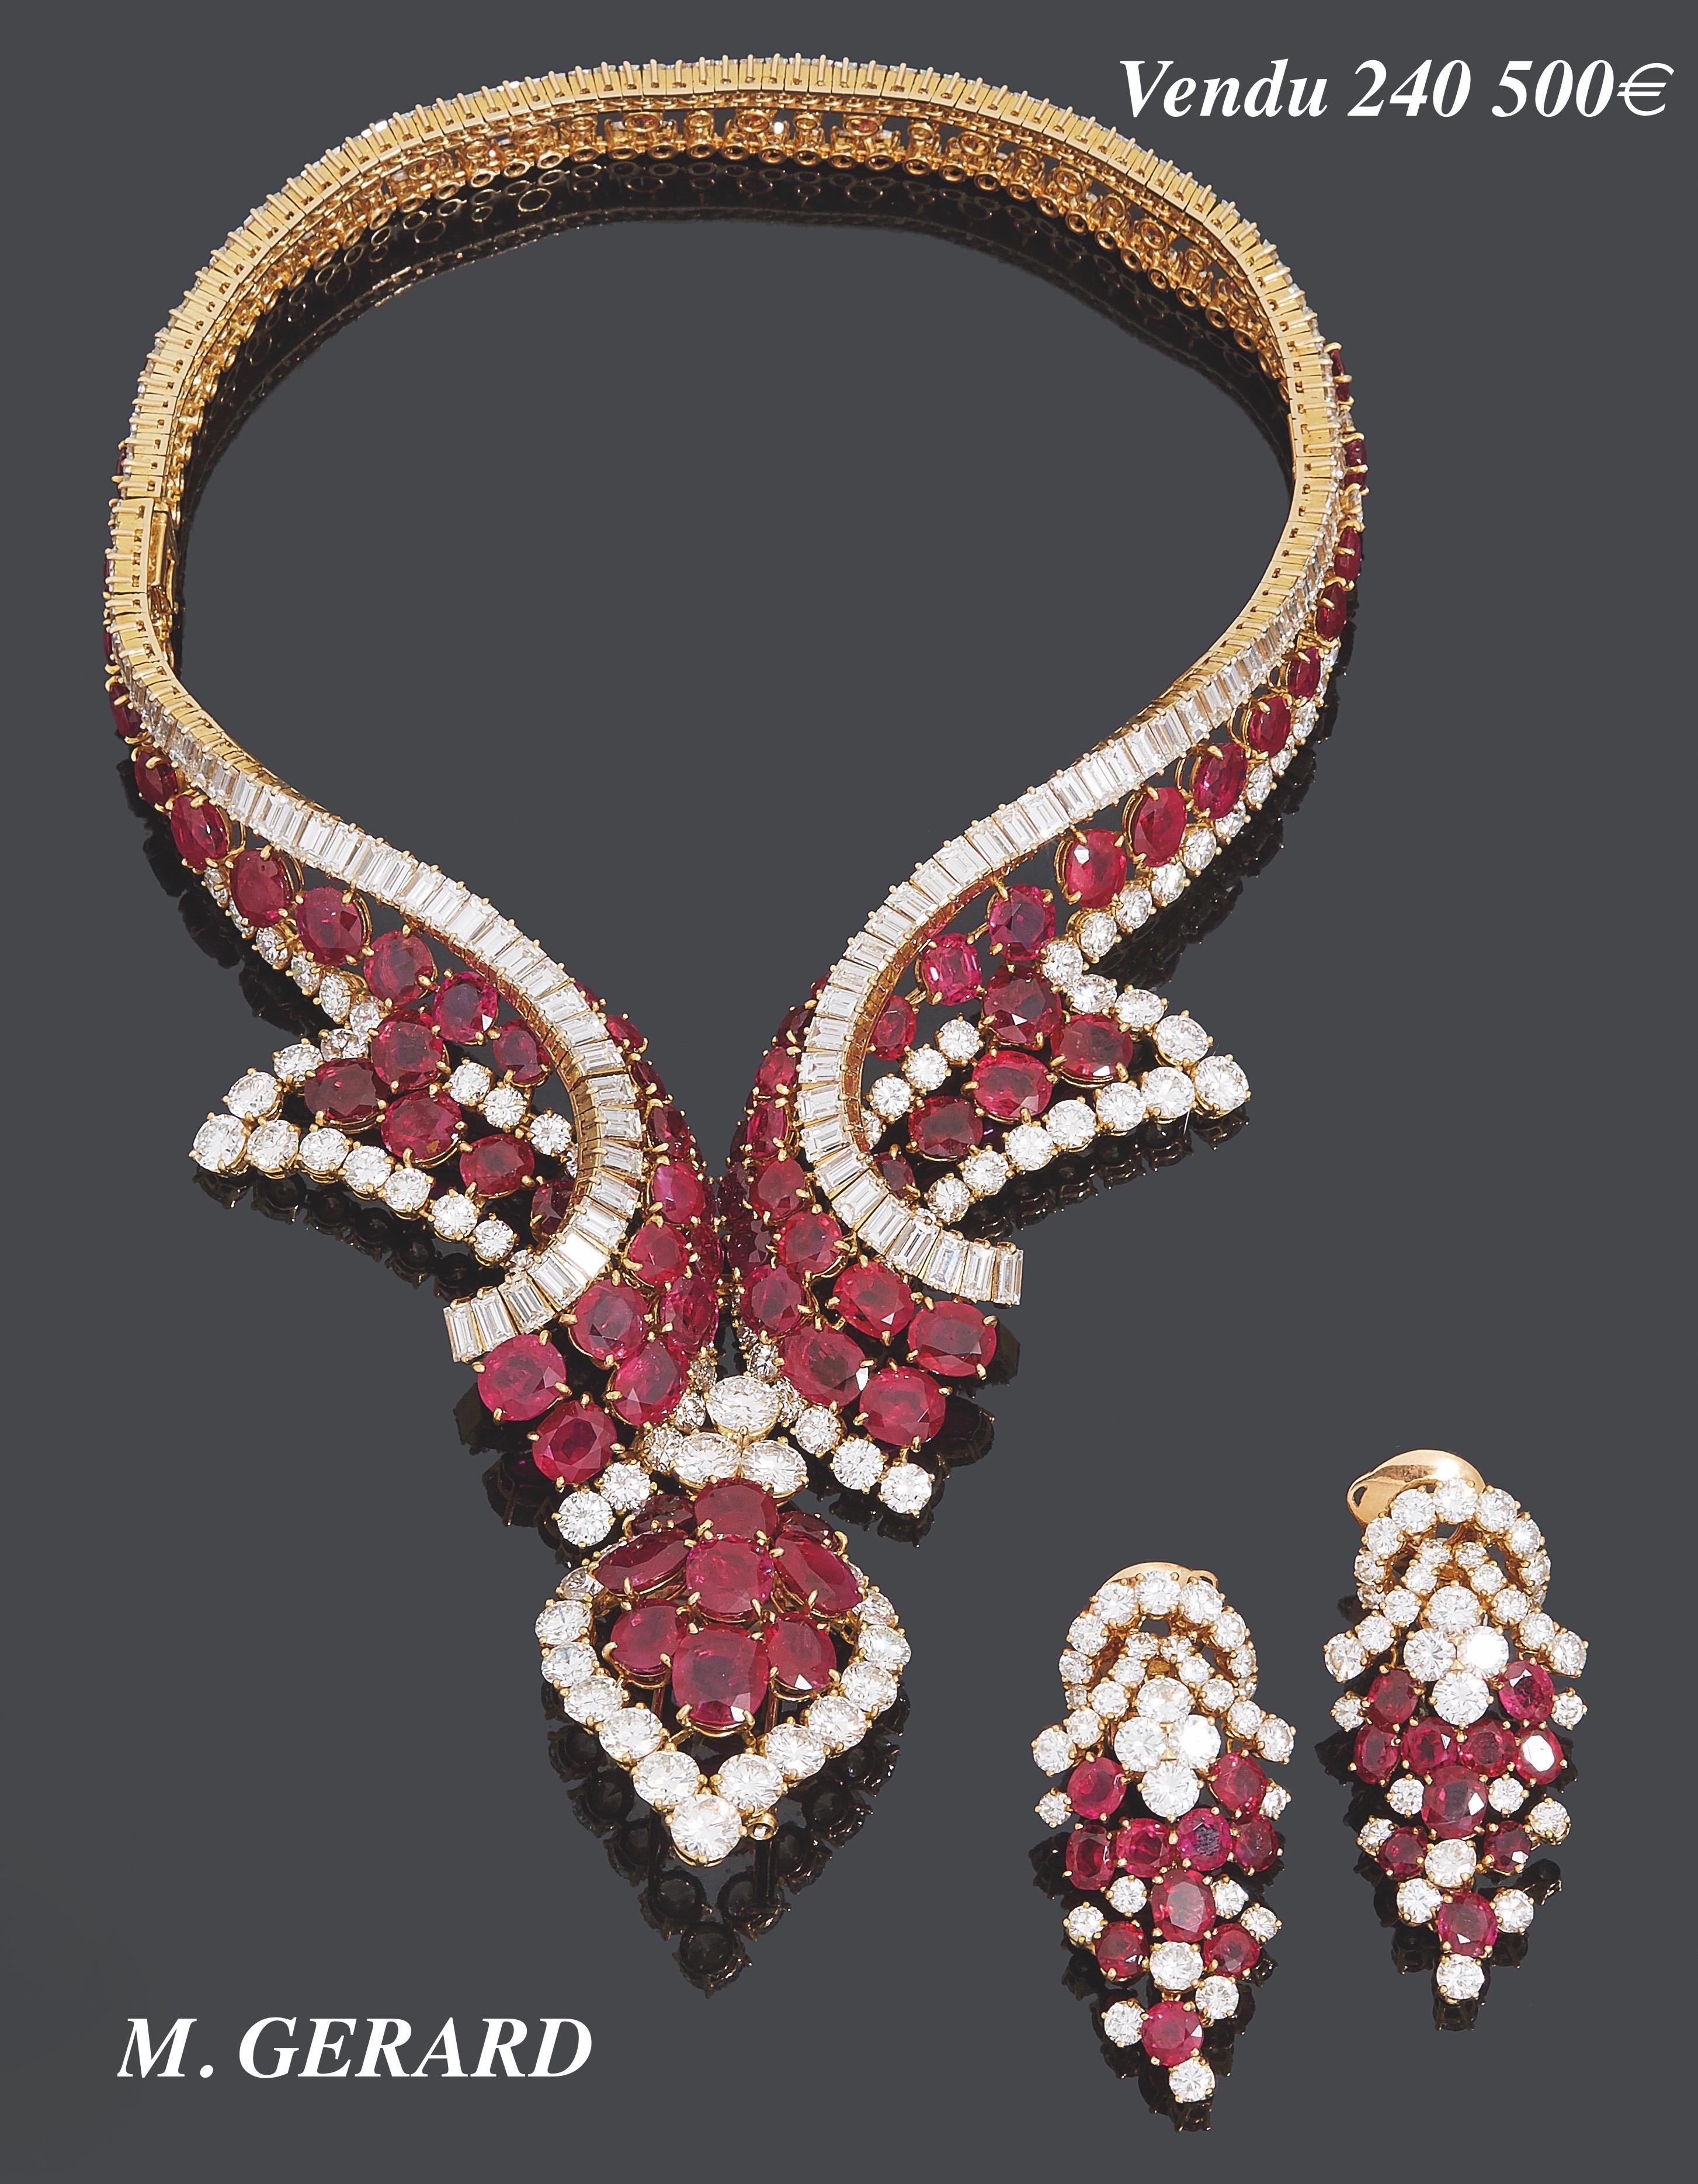 46. M. GERARD PARURE « collection MEDICIS » composée d'un COLLIER « volutes », partiellement transformable en BRACELET, d'un CLIP de CORSAGE « goutte » transformable en PENDENTIF et d'une paire de CLIPS d'OREILLES « grappe », en suite. La monture en or jaune (750‰) serti de diamants taille brillant et rubis ronds, soulignés d'alignements de diamants baguettes. Signée M. GERARD et numérotée, commande spéciale. Dans un étui M. GERARD. Louis GERARD, après avoir travaillé pour Van Cleef & Arpels, a fondé M. GERARD en 1968 au 8 avenue Montaigne à Paris. Très vite il fut considéré comme le joaillier français exportant le plus de pièces de haute joaillerie. En Novembre 1985, il vend sa société à un groupe d'investisseurs américains mais continua à travailler jusqu'à la fermeture de l'entreprise. En septembre 1988, il ré-ouvre au 16 avenue Montaigne sous le nom Louis GERARD, Joaillier International, jusqu'en décembre 1991. Ses créations sont exceptionnelles pour la qualité des gemmes, la complexité des volumes et la délicatesse de la fabrication. Il conçoit le bijou comme une entité, la parure complète est toujours au centre de ses créations. Expert Cukierman